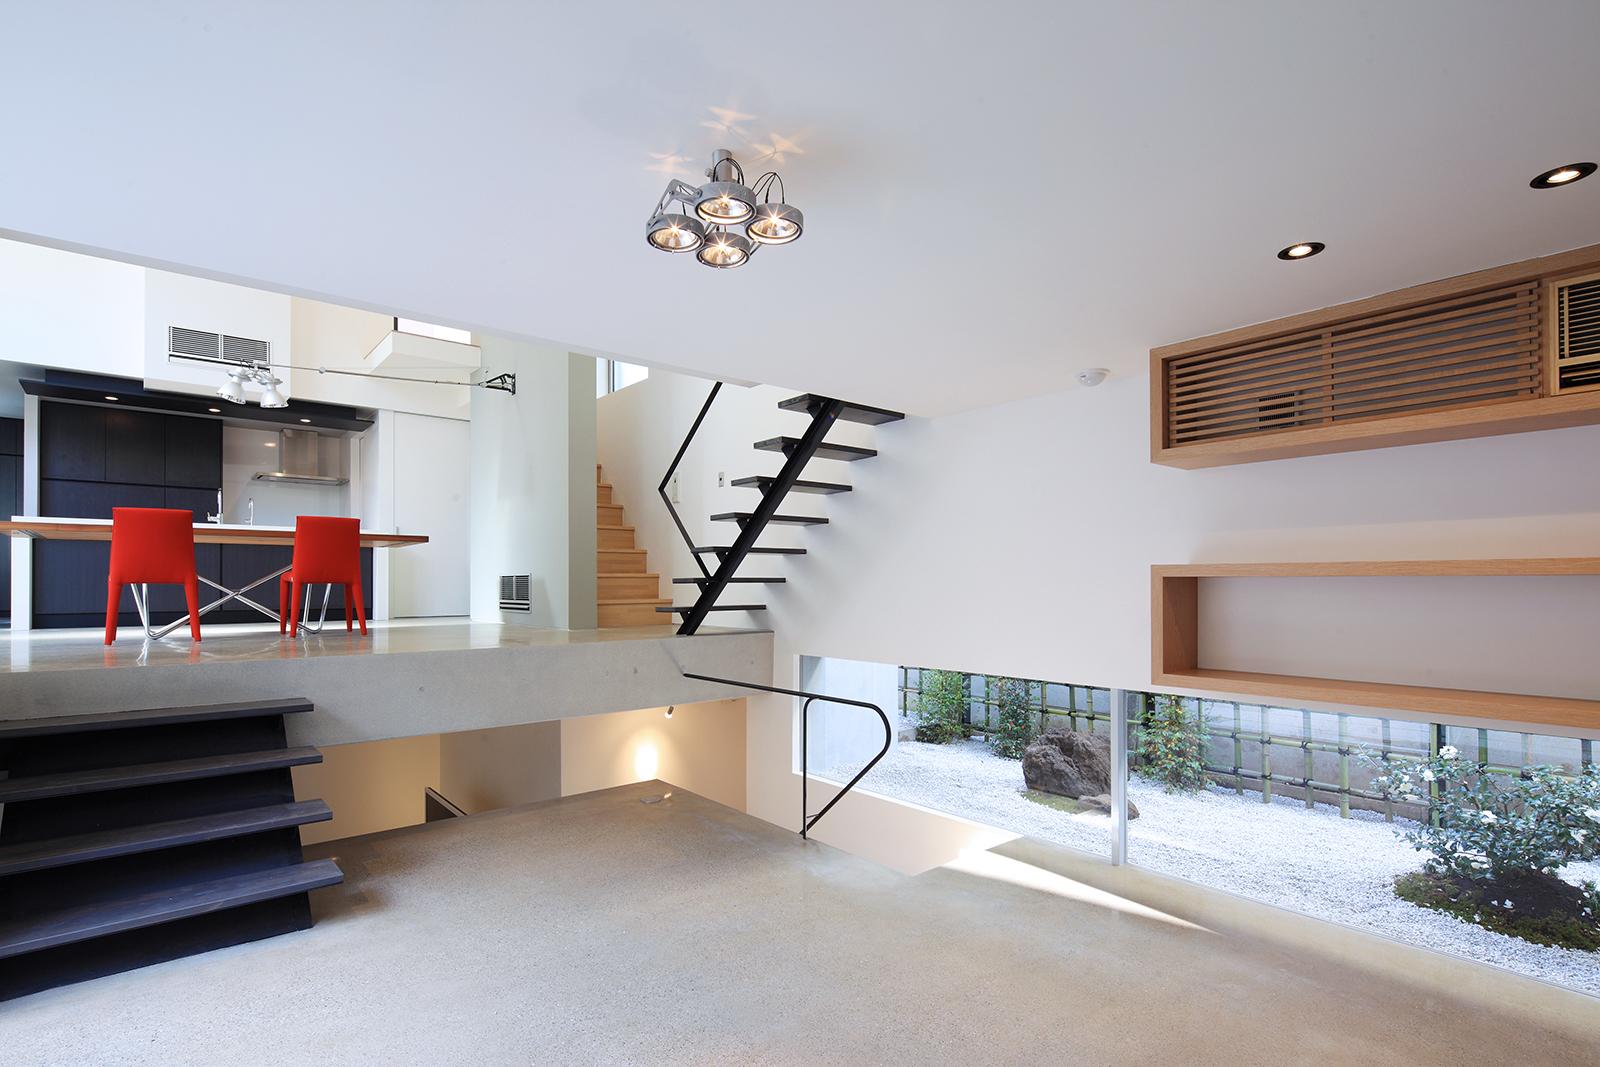 住宅設計はクライアントとセッションするようにつくっていきます